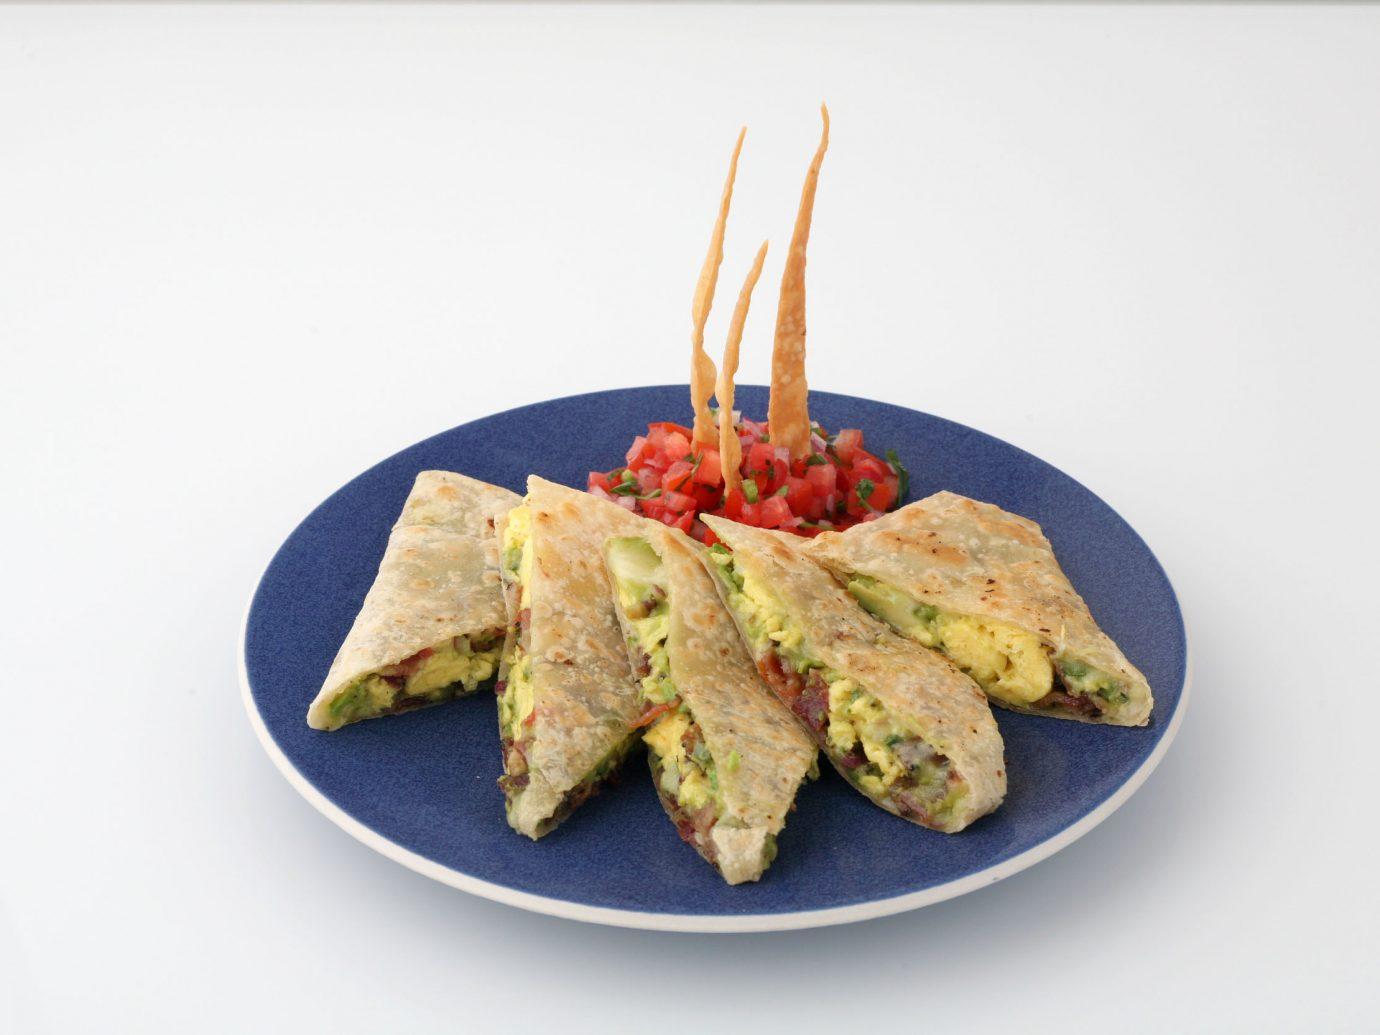 Plate of breakfast quesadillas